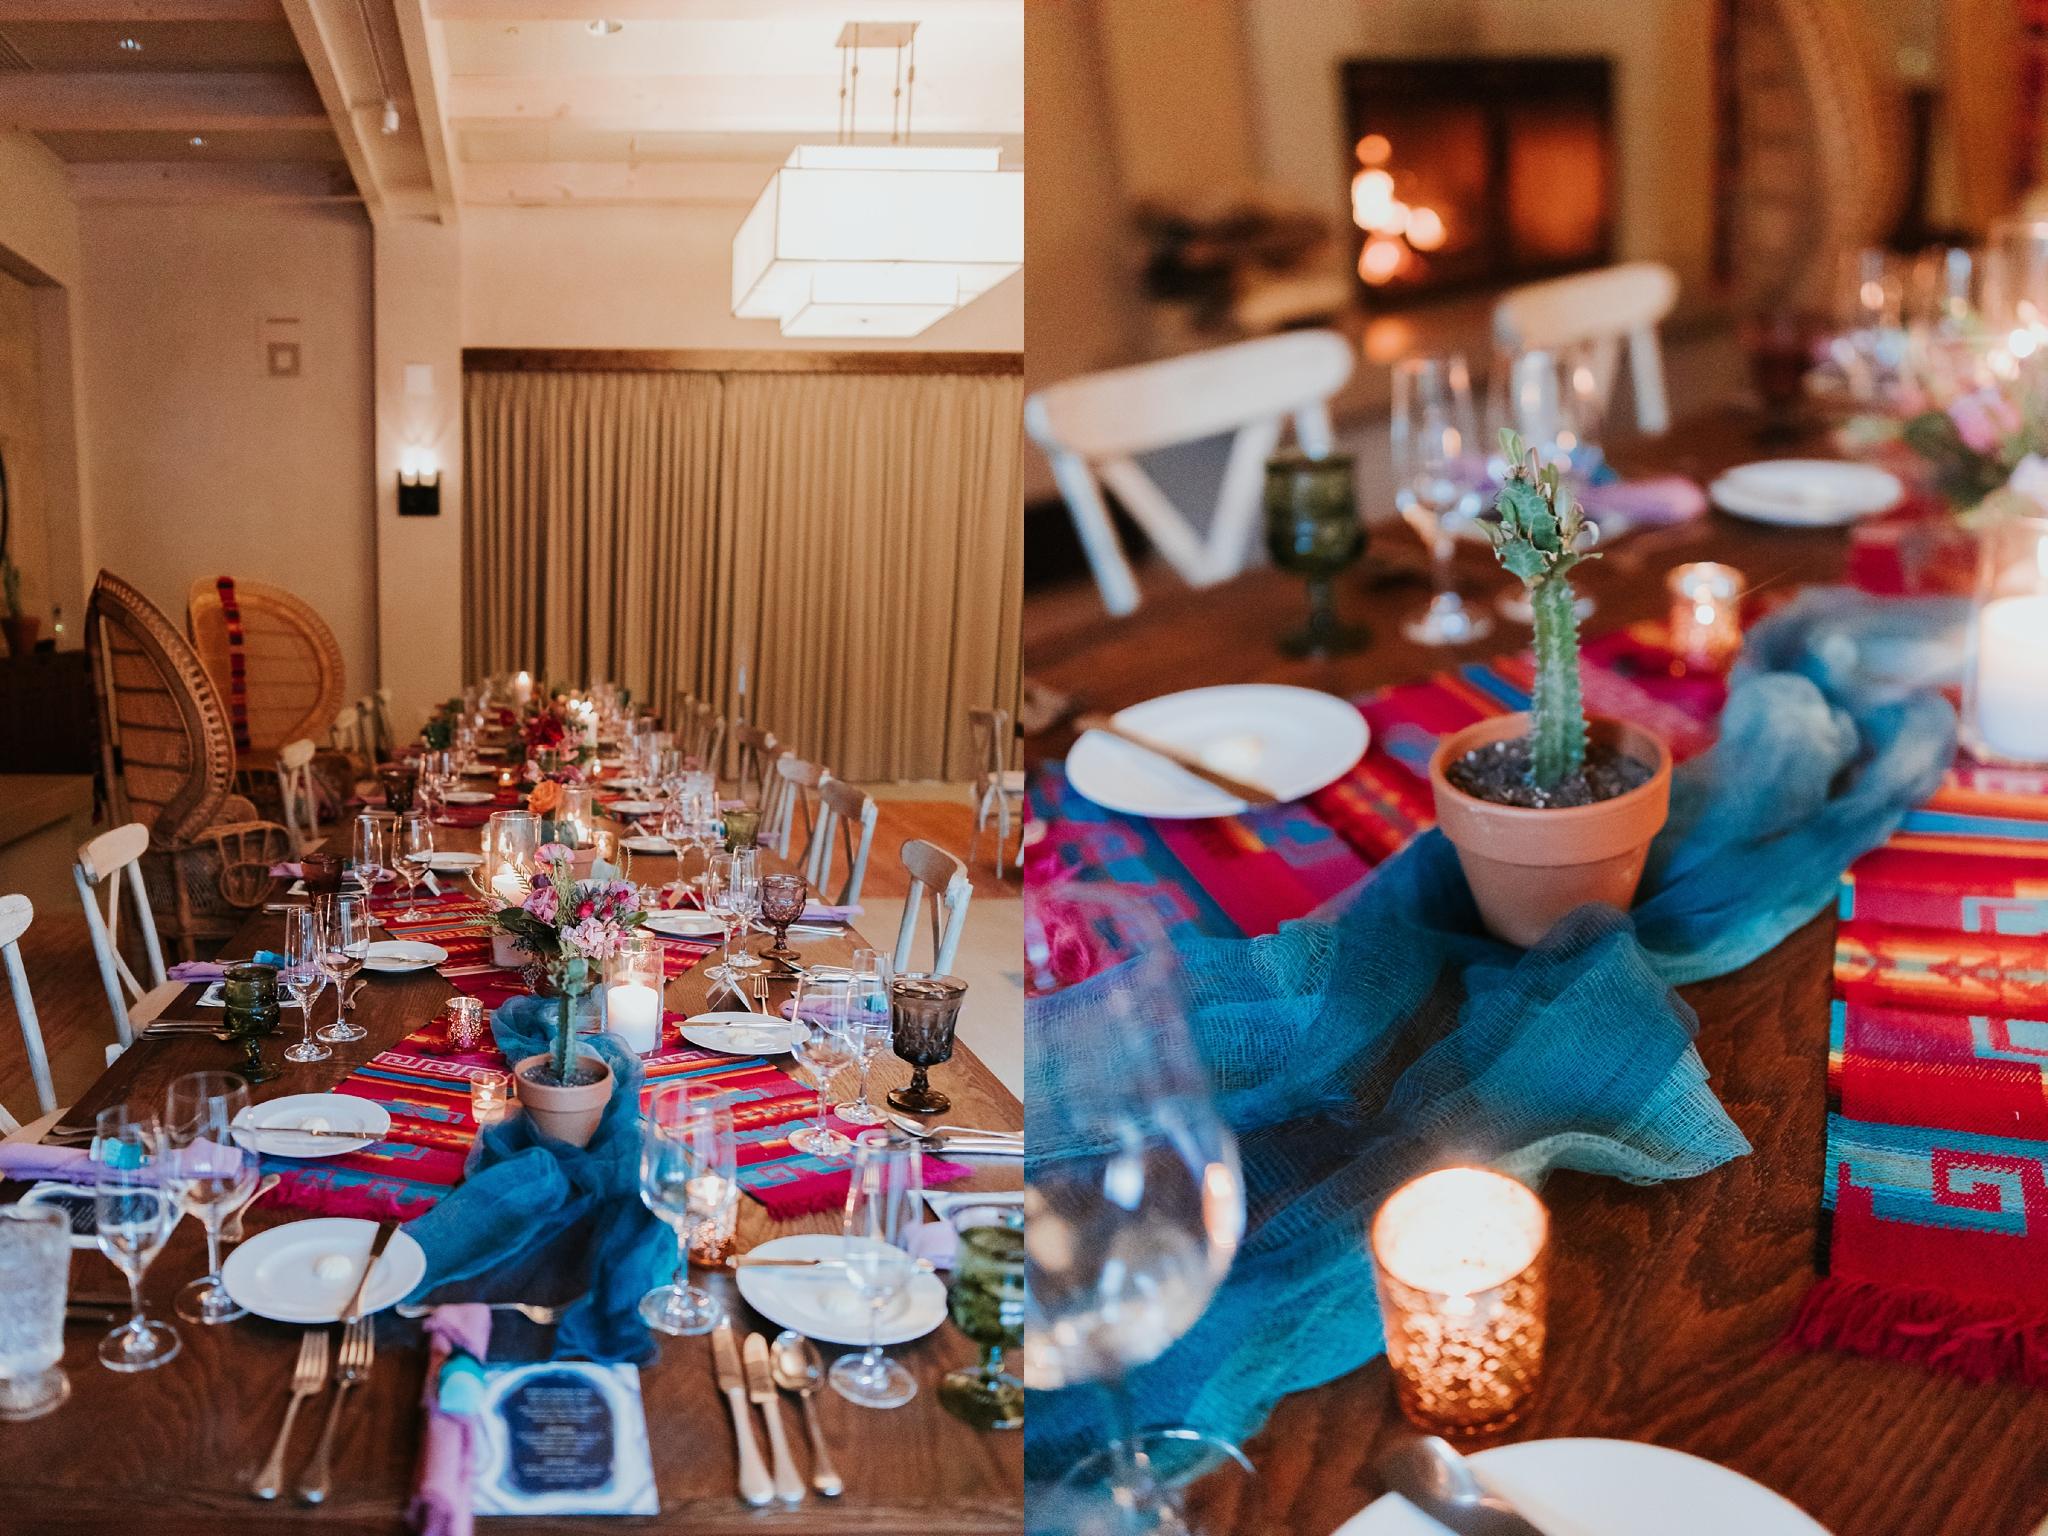 Alicia+lucia+photography+-+albuquerque+wedding+photographer+-+santa+fe+wedding+photography+-+new+mexico+wedding+photographer+-+new+mexico+wedding+-+wedding+-+winter+wedding+-+wedding+reception+-+winter+wedding+reception_0075.jpg